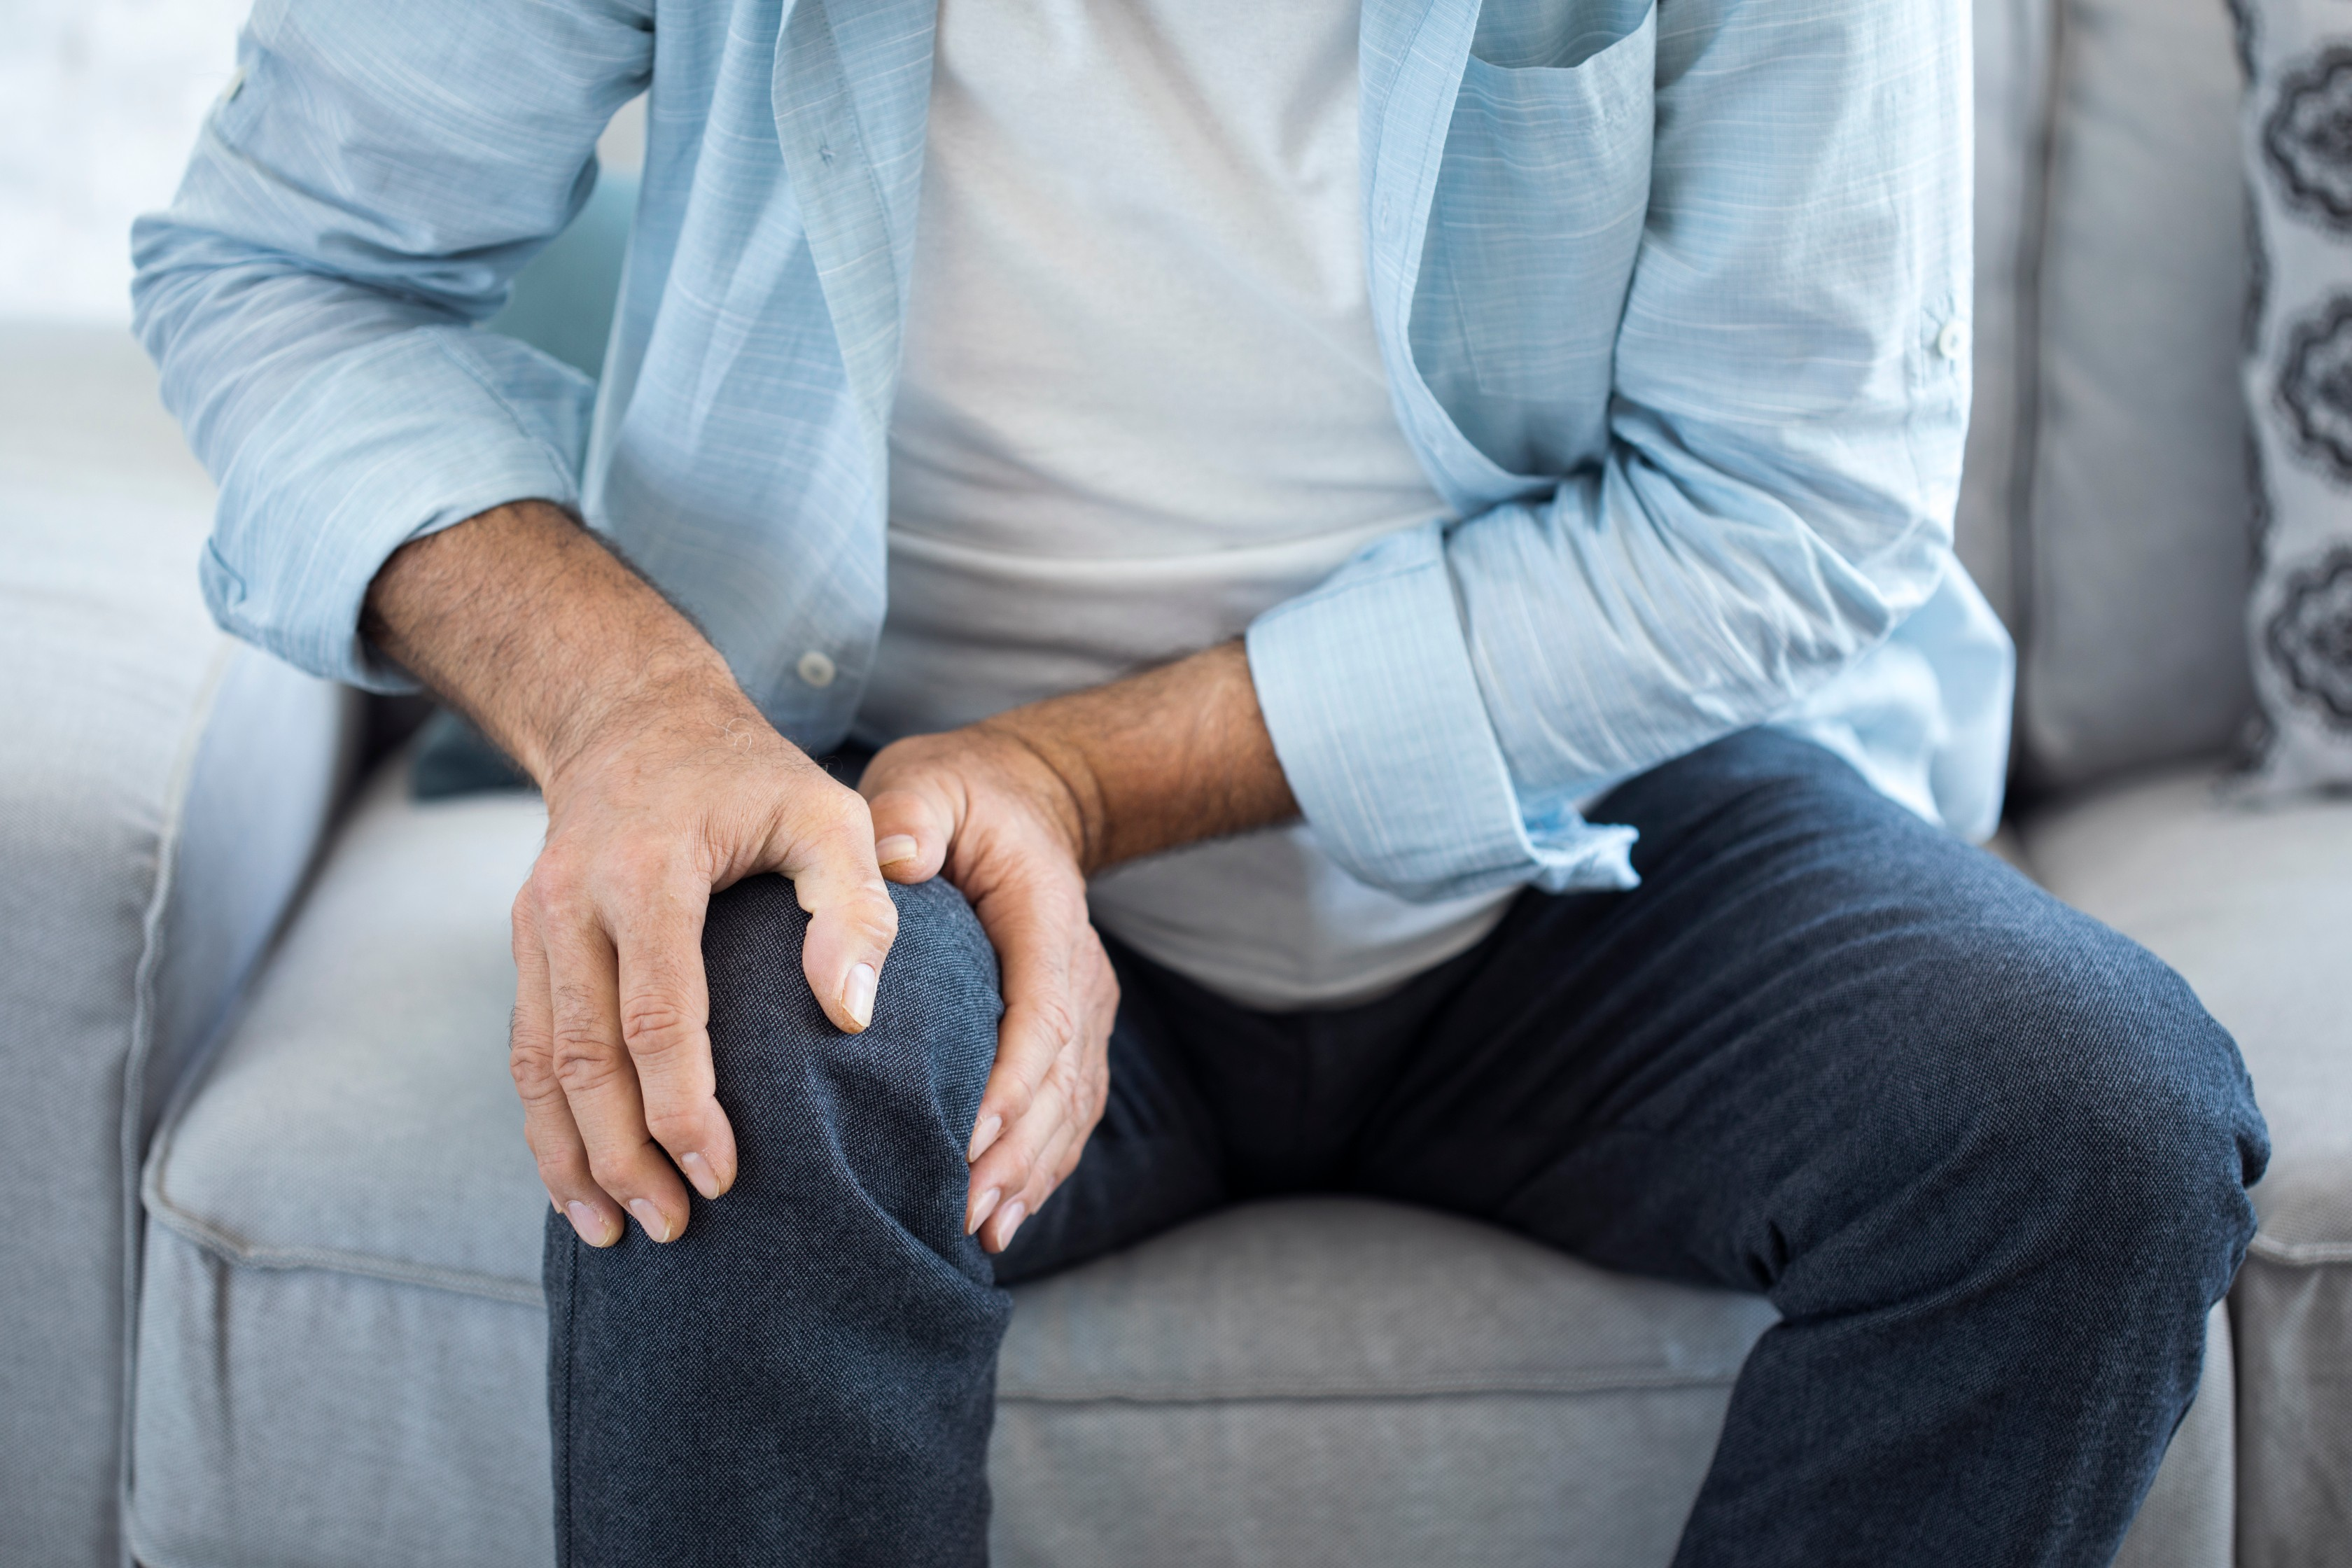 kenőcs ízületekhez doloron 25 gr hogyan lehet kezelni, ha az ízület fáj